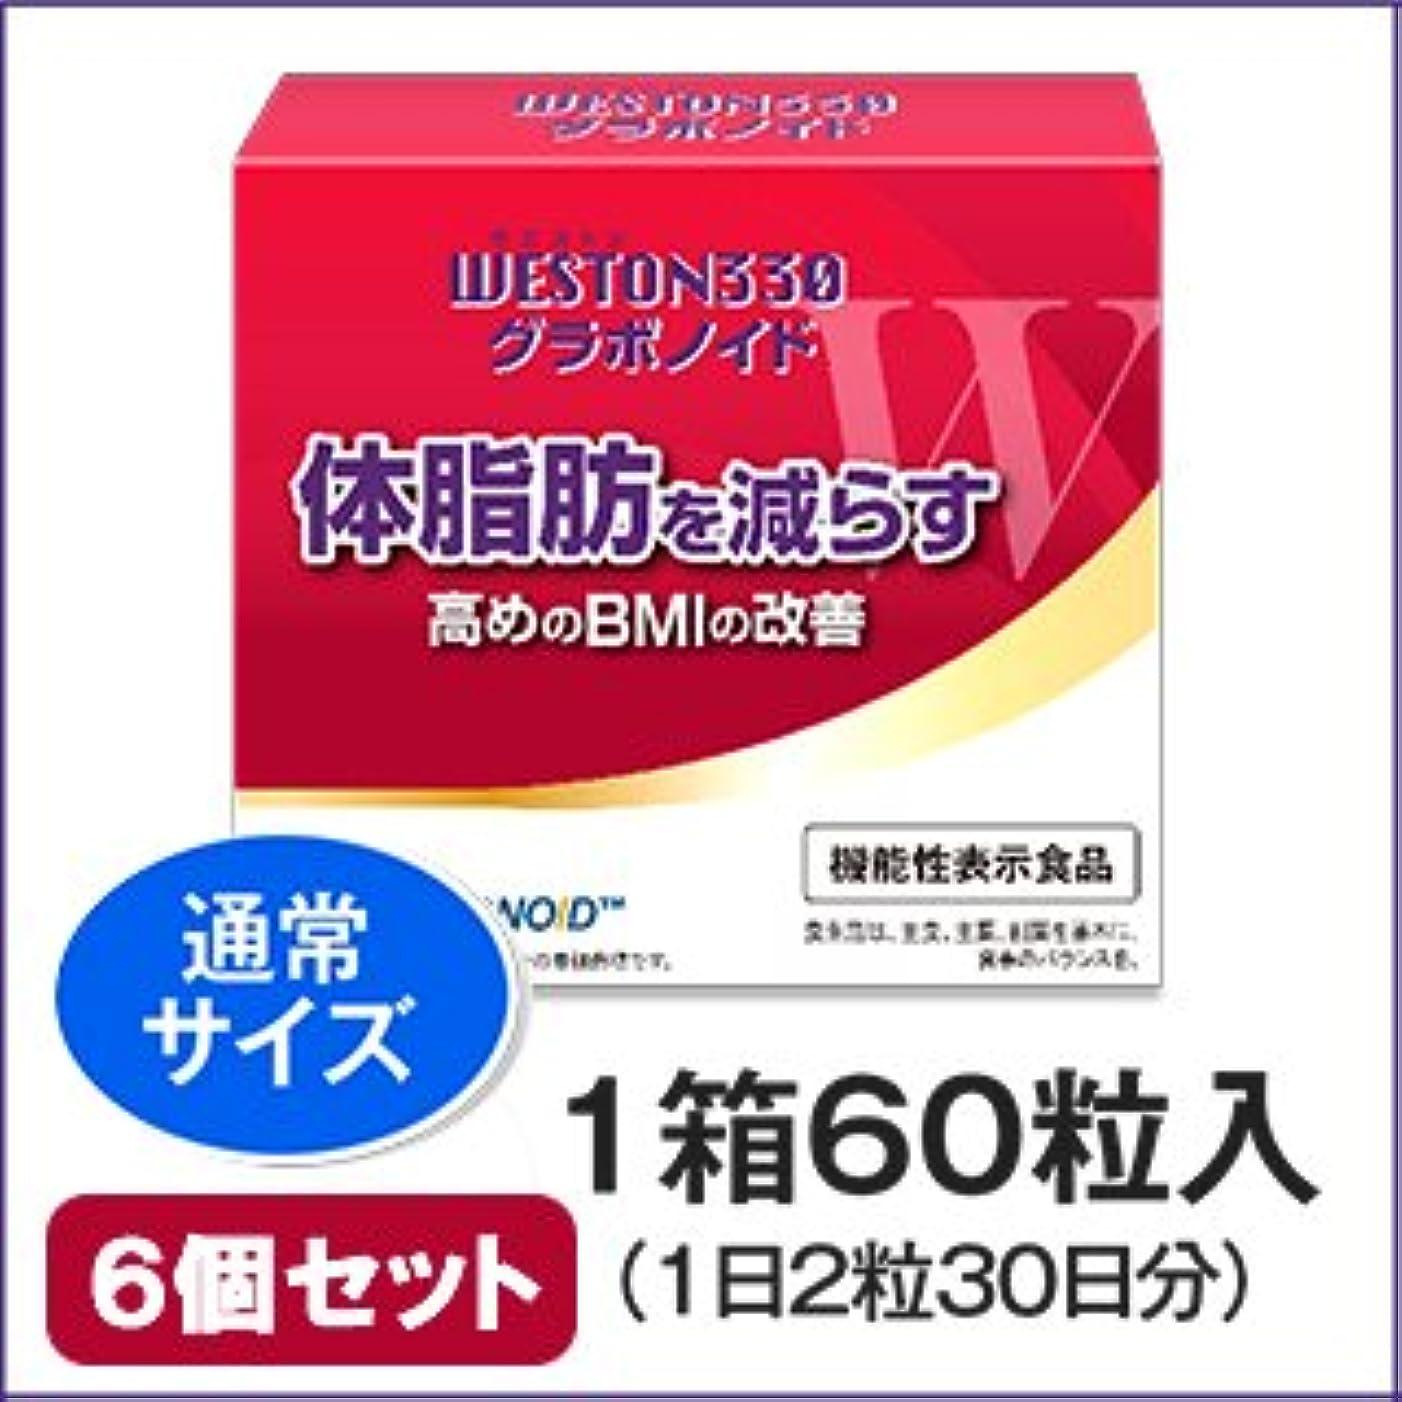 白雪姫レパートリー応援するウエストン330グラボノイド(30日分 1箱60粒入り)×6個セット